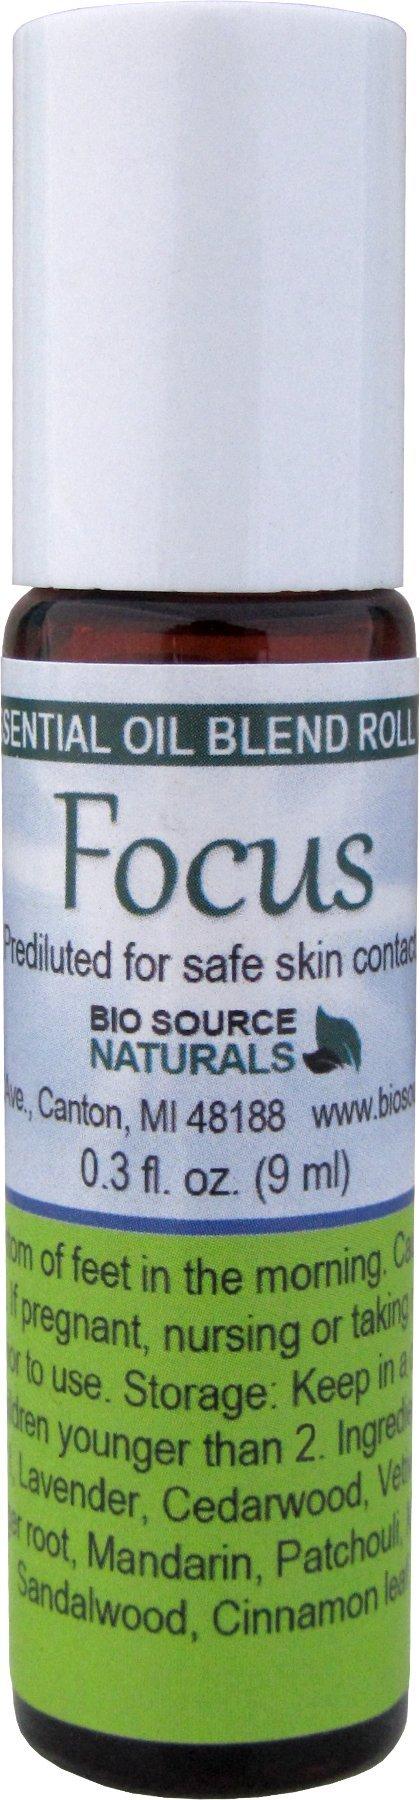 Focus Essential Oil Blend Roll 9ml / 0.3 Oz